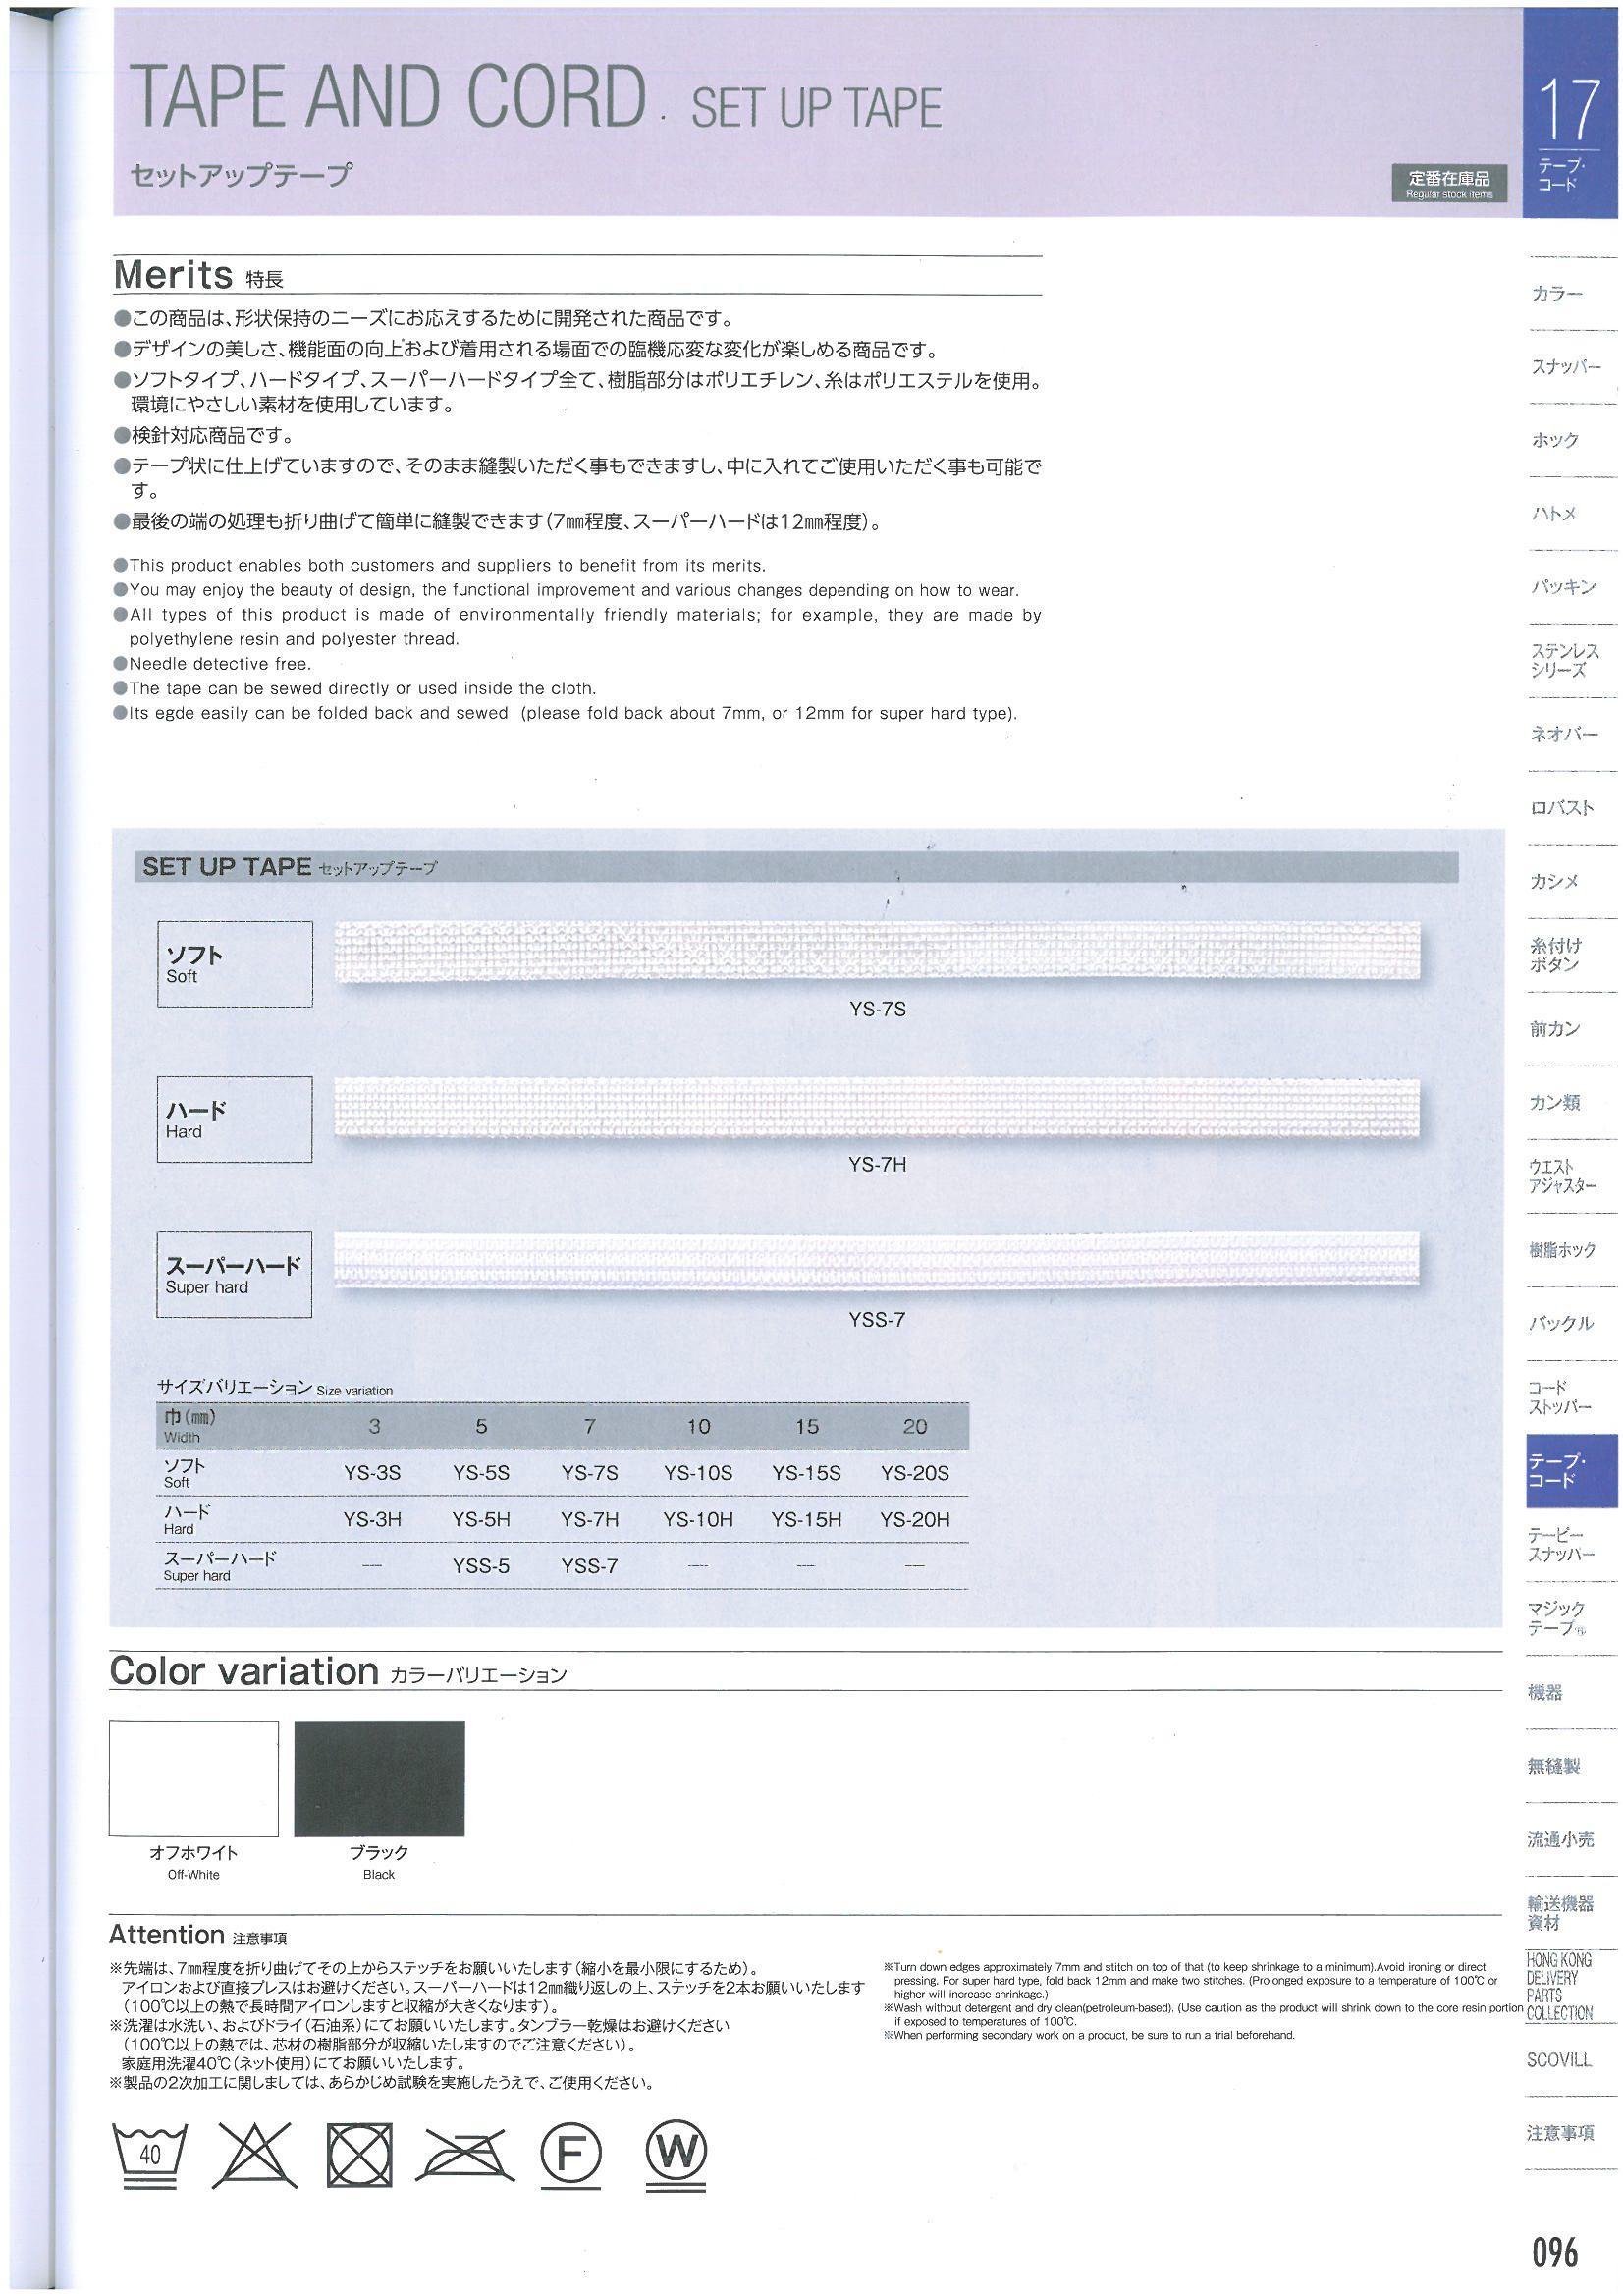 YS-H セットアップテープ(形状保持テープ・ハード・20M巻)[リボン・テープ・コード] モリト(MORITO)/オークラ商事 - ApparelX アパレル資材卸通販